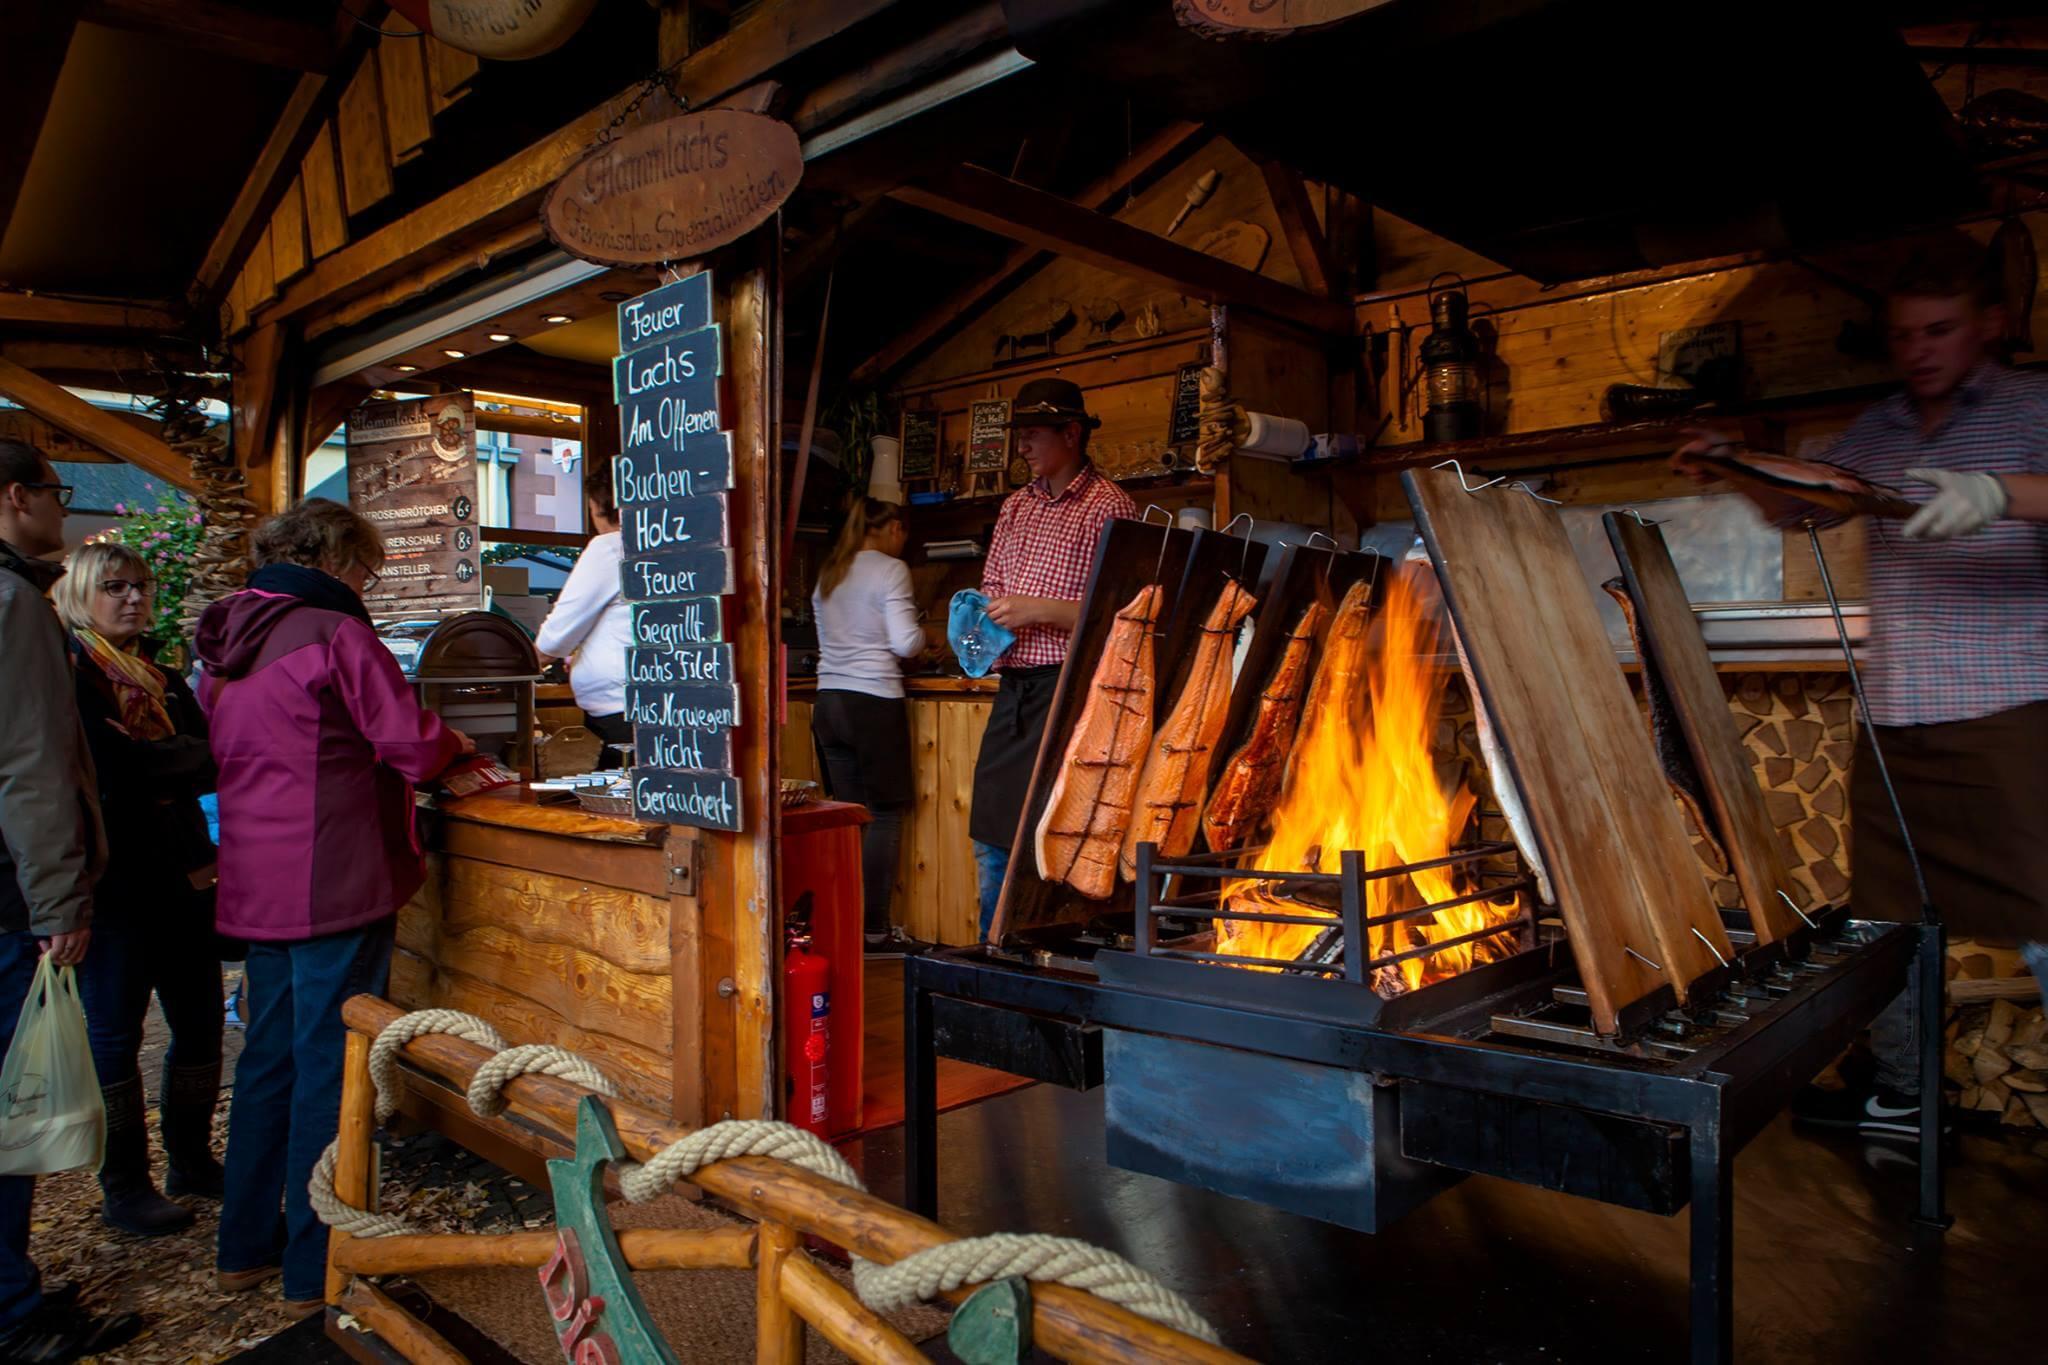 Für den Gaumenschmaus wird selbstverständlich auch gesorgt sein auf dem Martini-Markt 2017 in Bad Honnef